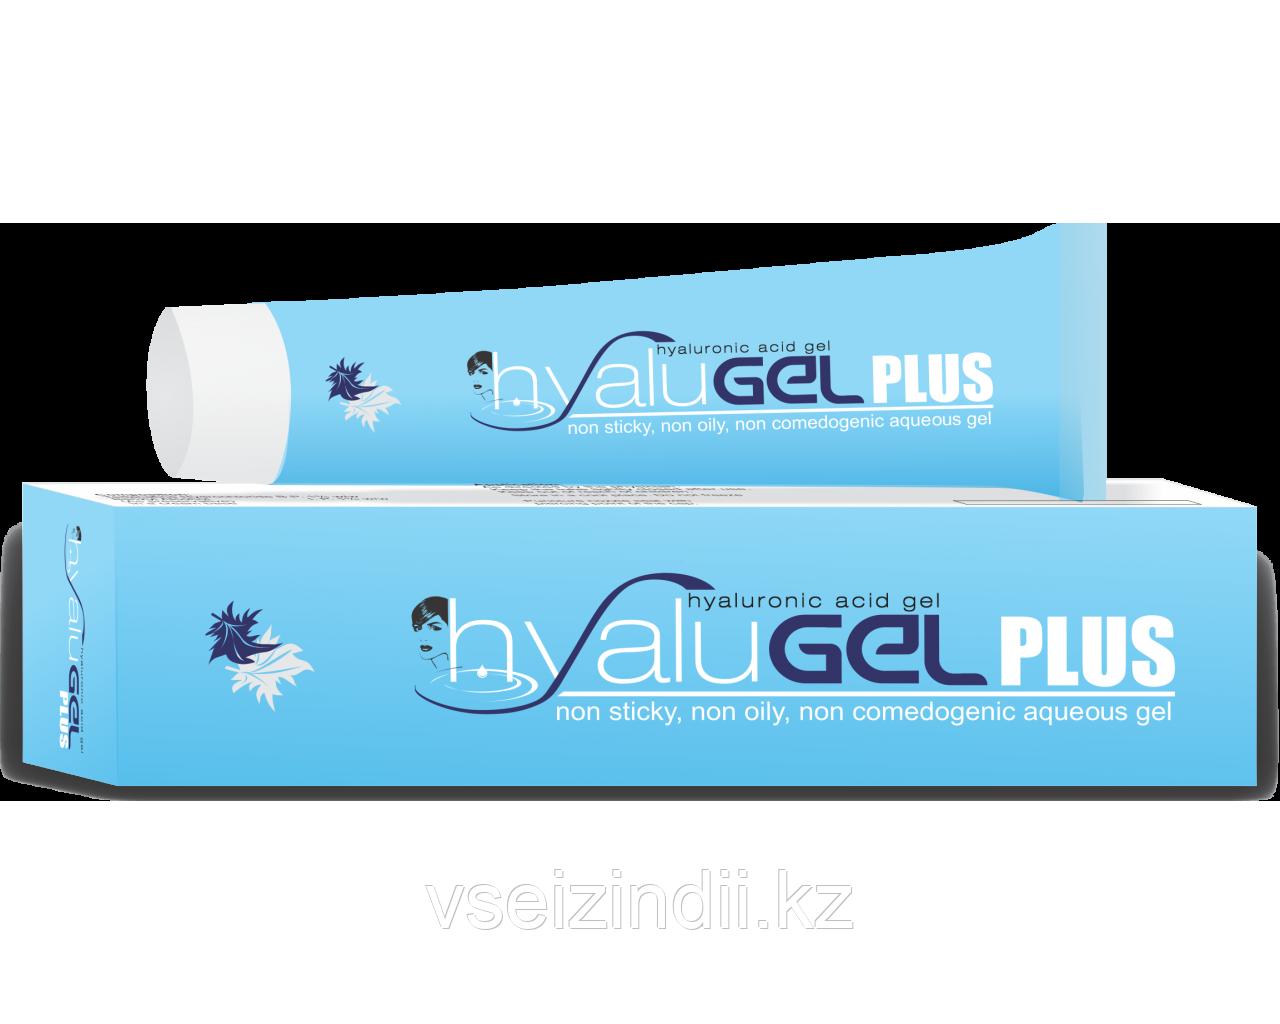 Hyalugel  PLUS гель для лица с гиалуроновой кислотой, 30 мл.